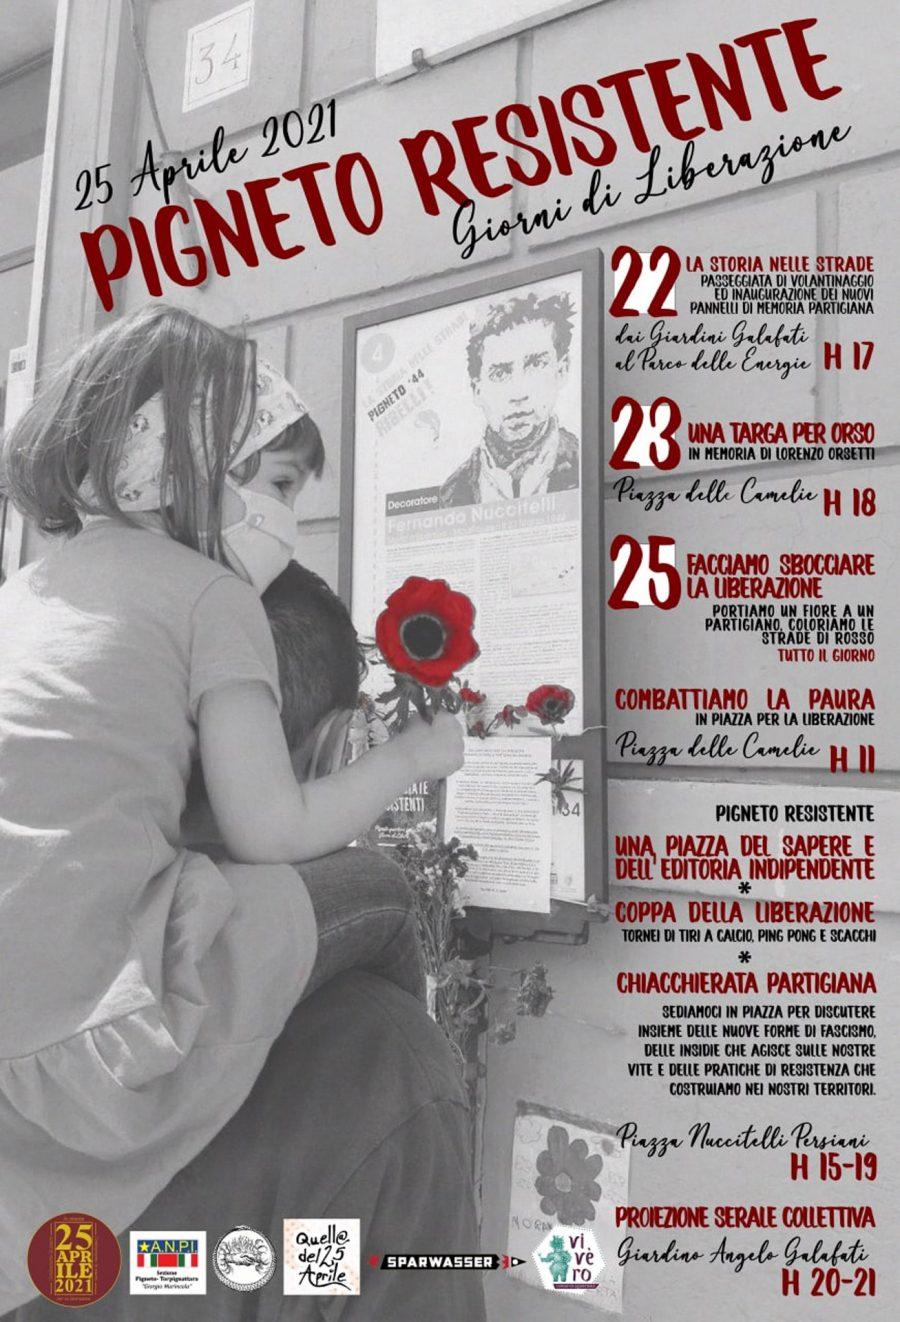 Pigneto Resistente: Quartiere in festa – Giorni di Liberazione